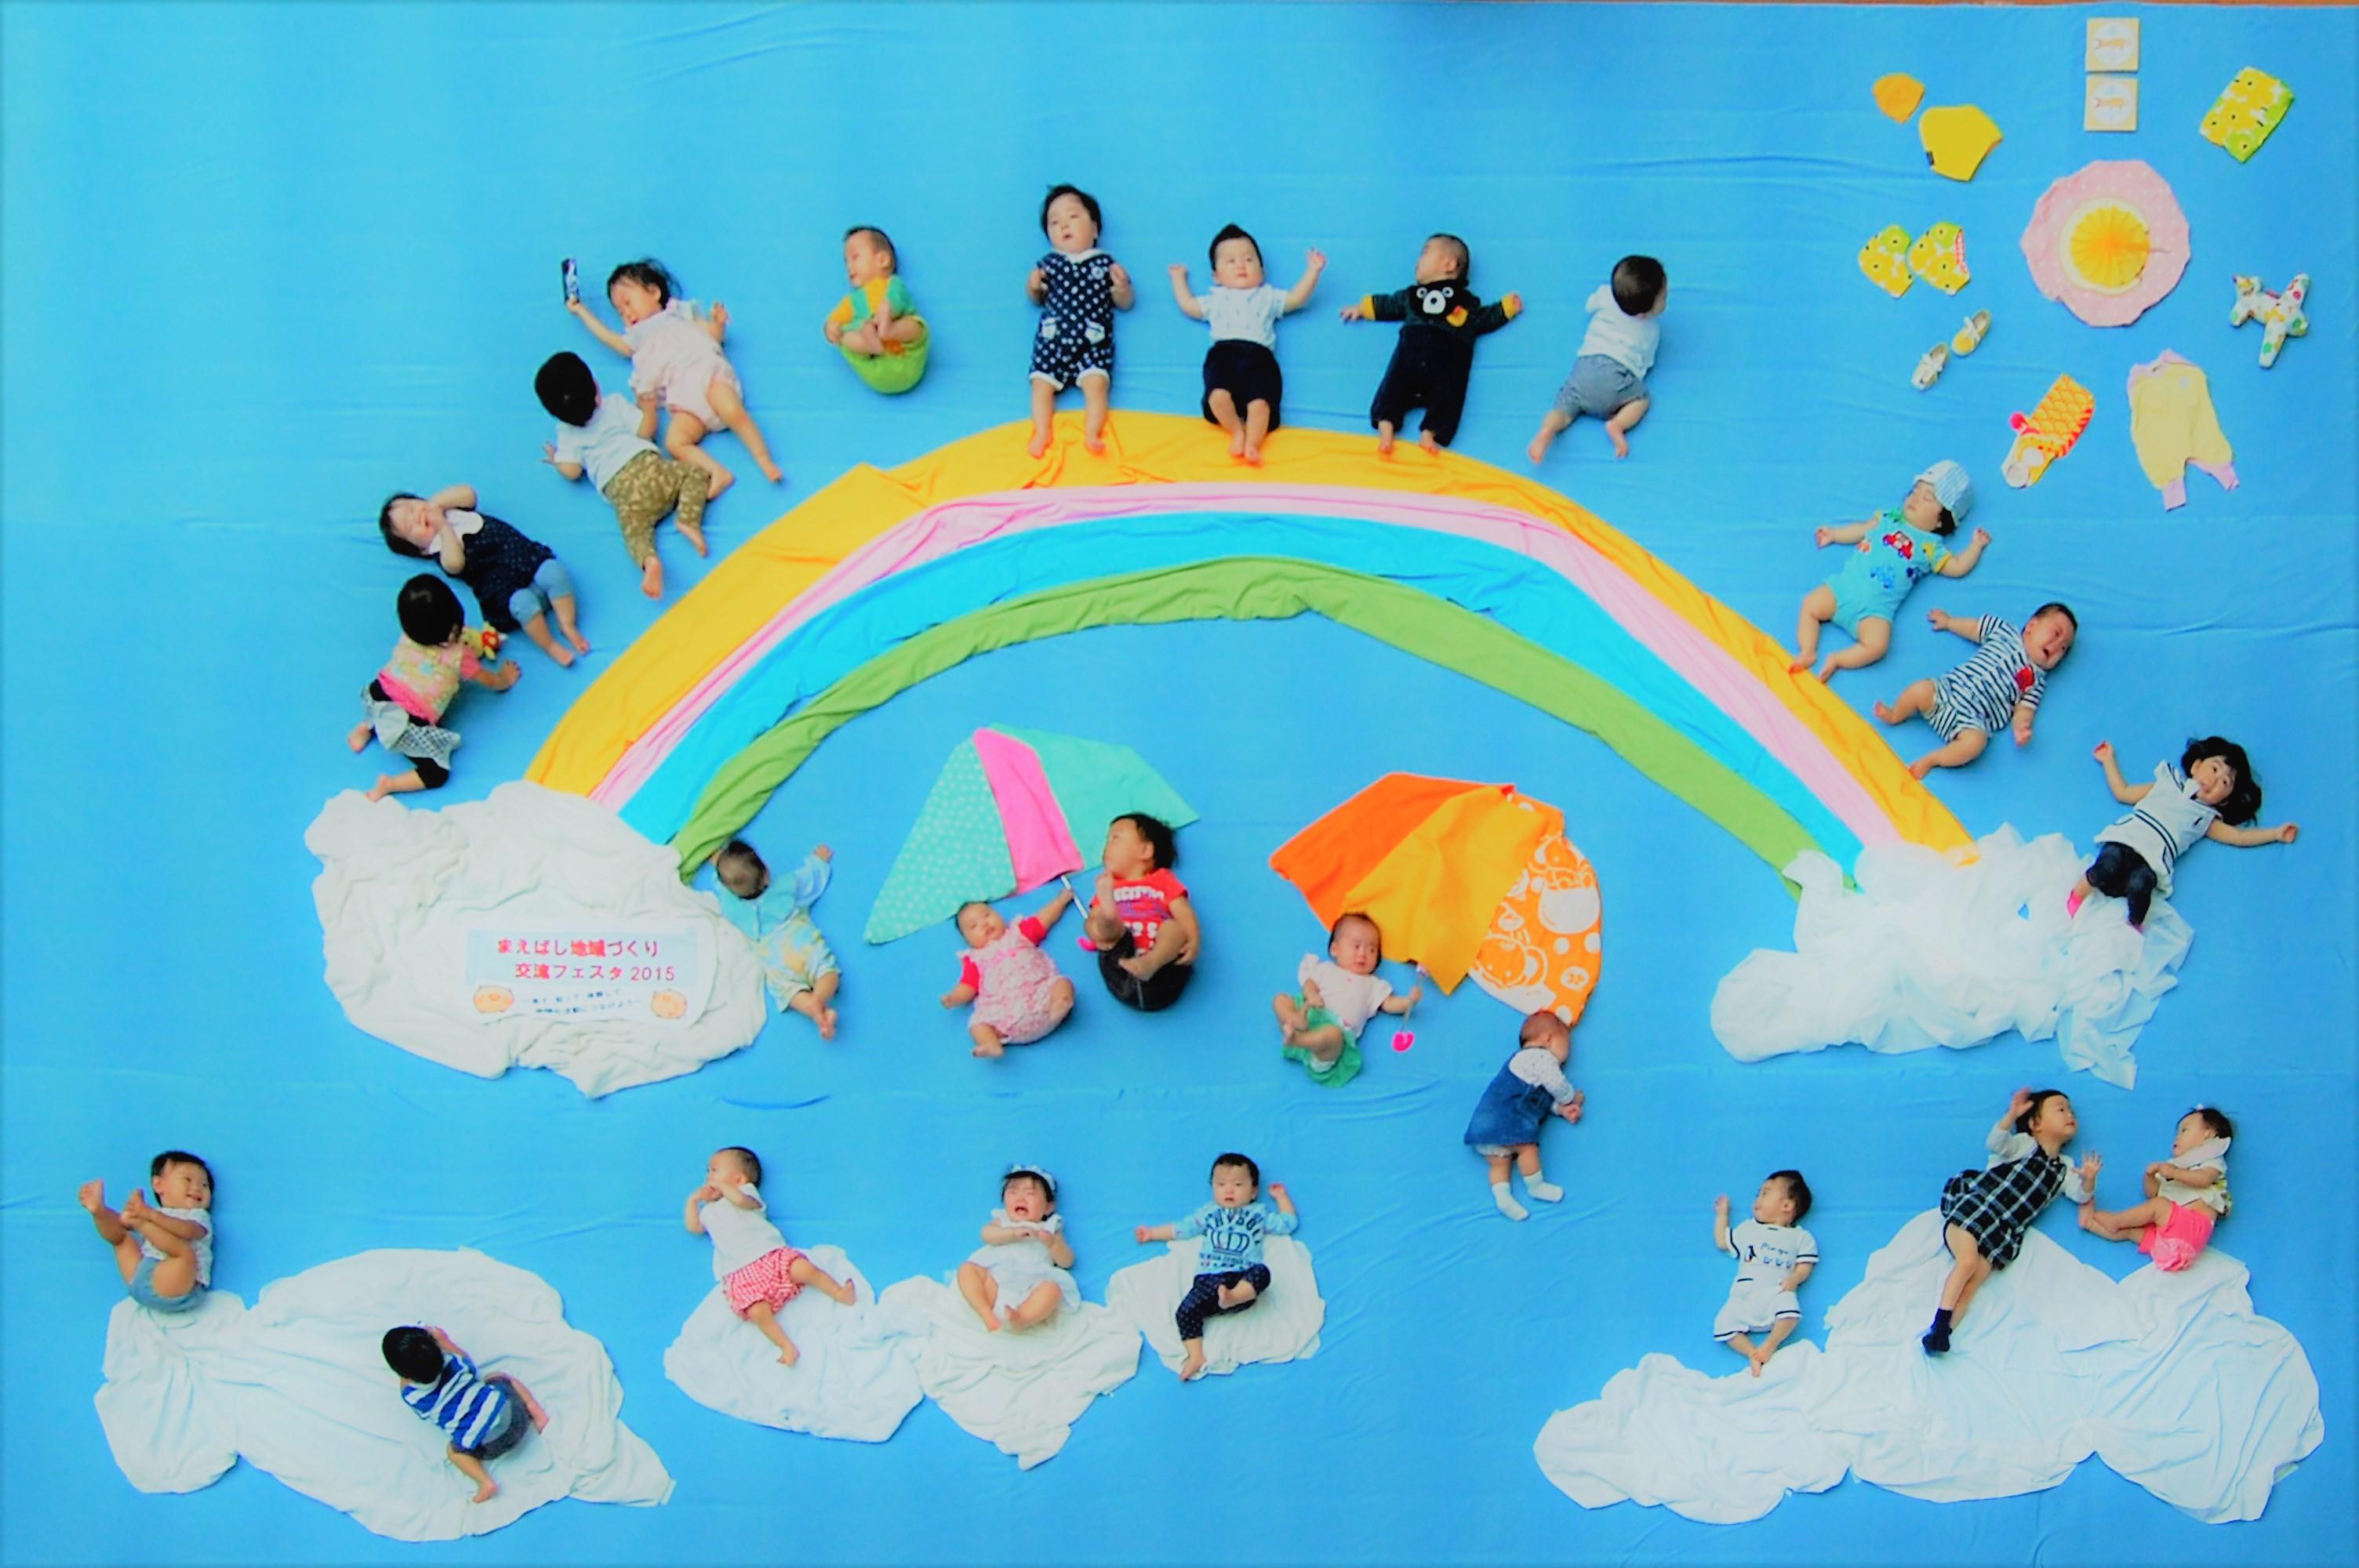 2015.6.21巨大寝相アート虹の架け橋まえばし地域づくり交流フェスタ